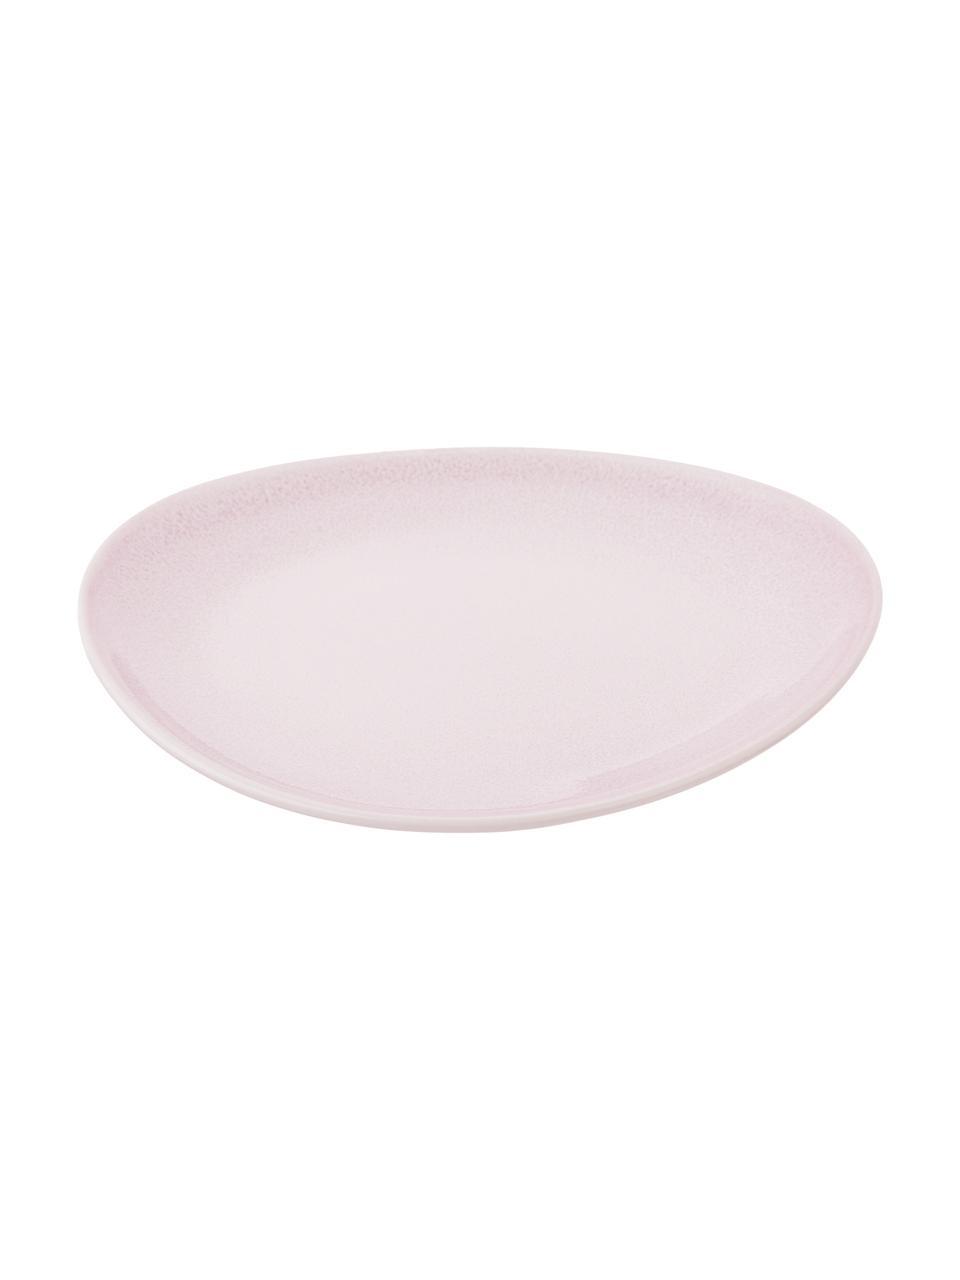 Ręcznie wykonany talerz śniadaniowy Amalia, 2 szt., Porcelana, Jasny różowy, kremowobiały, Ø 20 cm